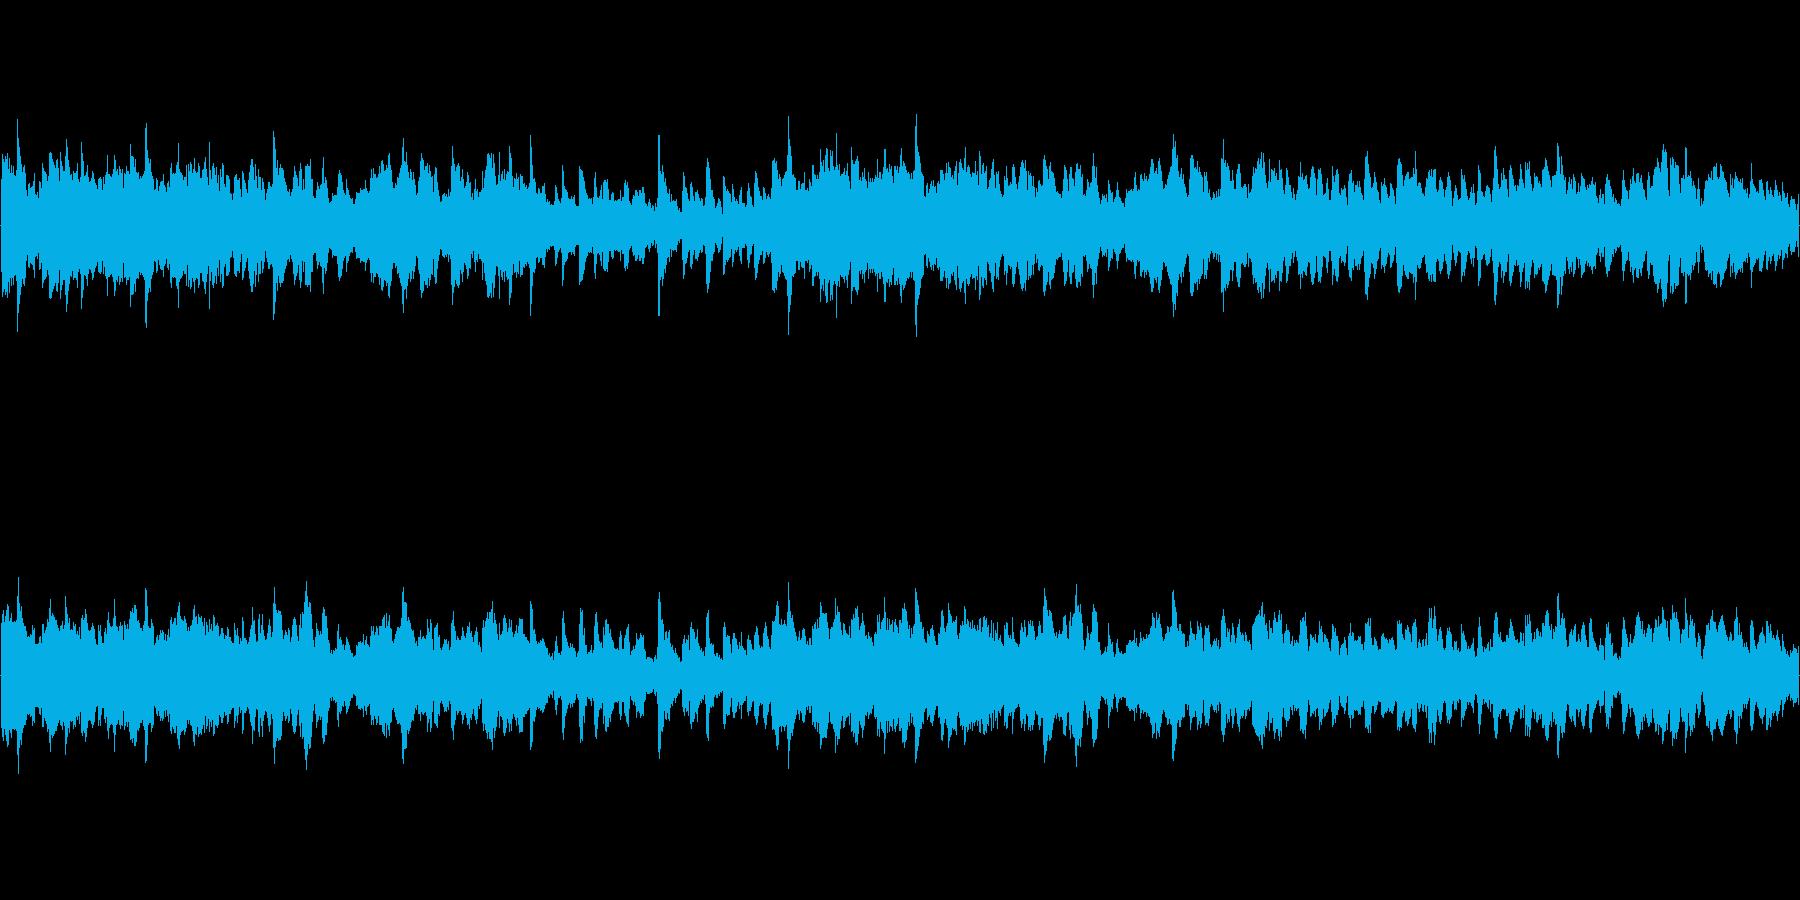 ウエスタンっぽい雰囲気のシンプルな曲の再生済みの波形